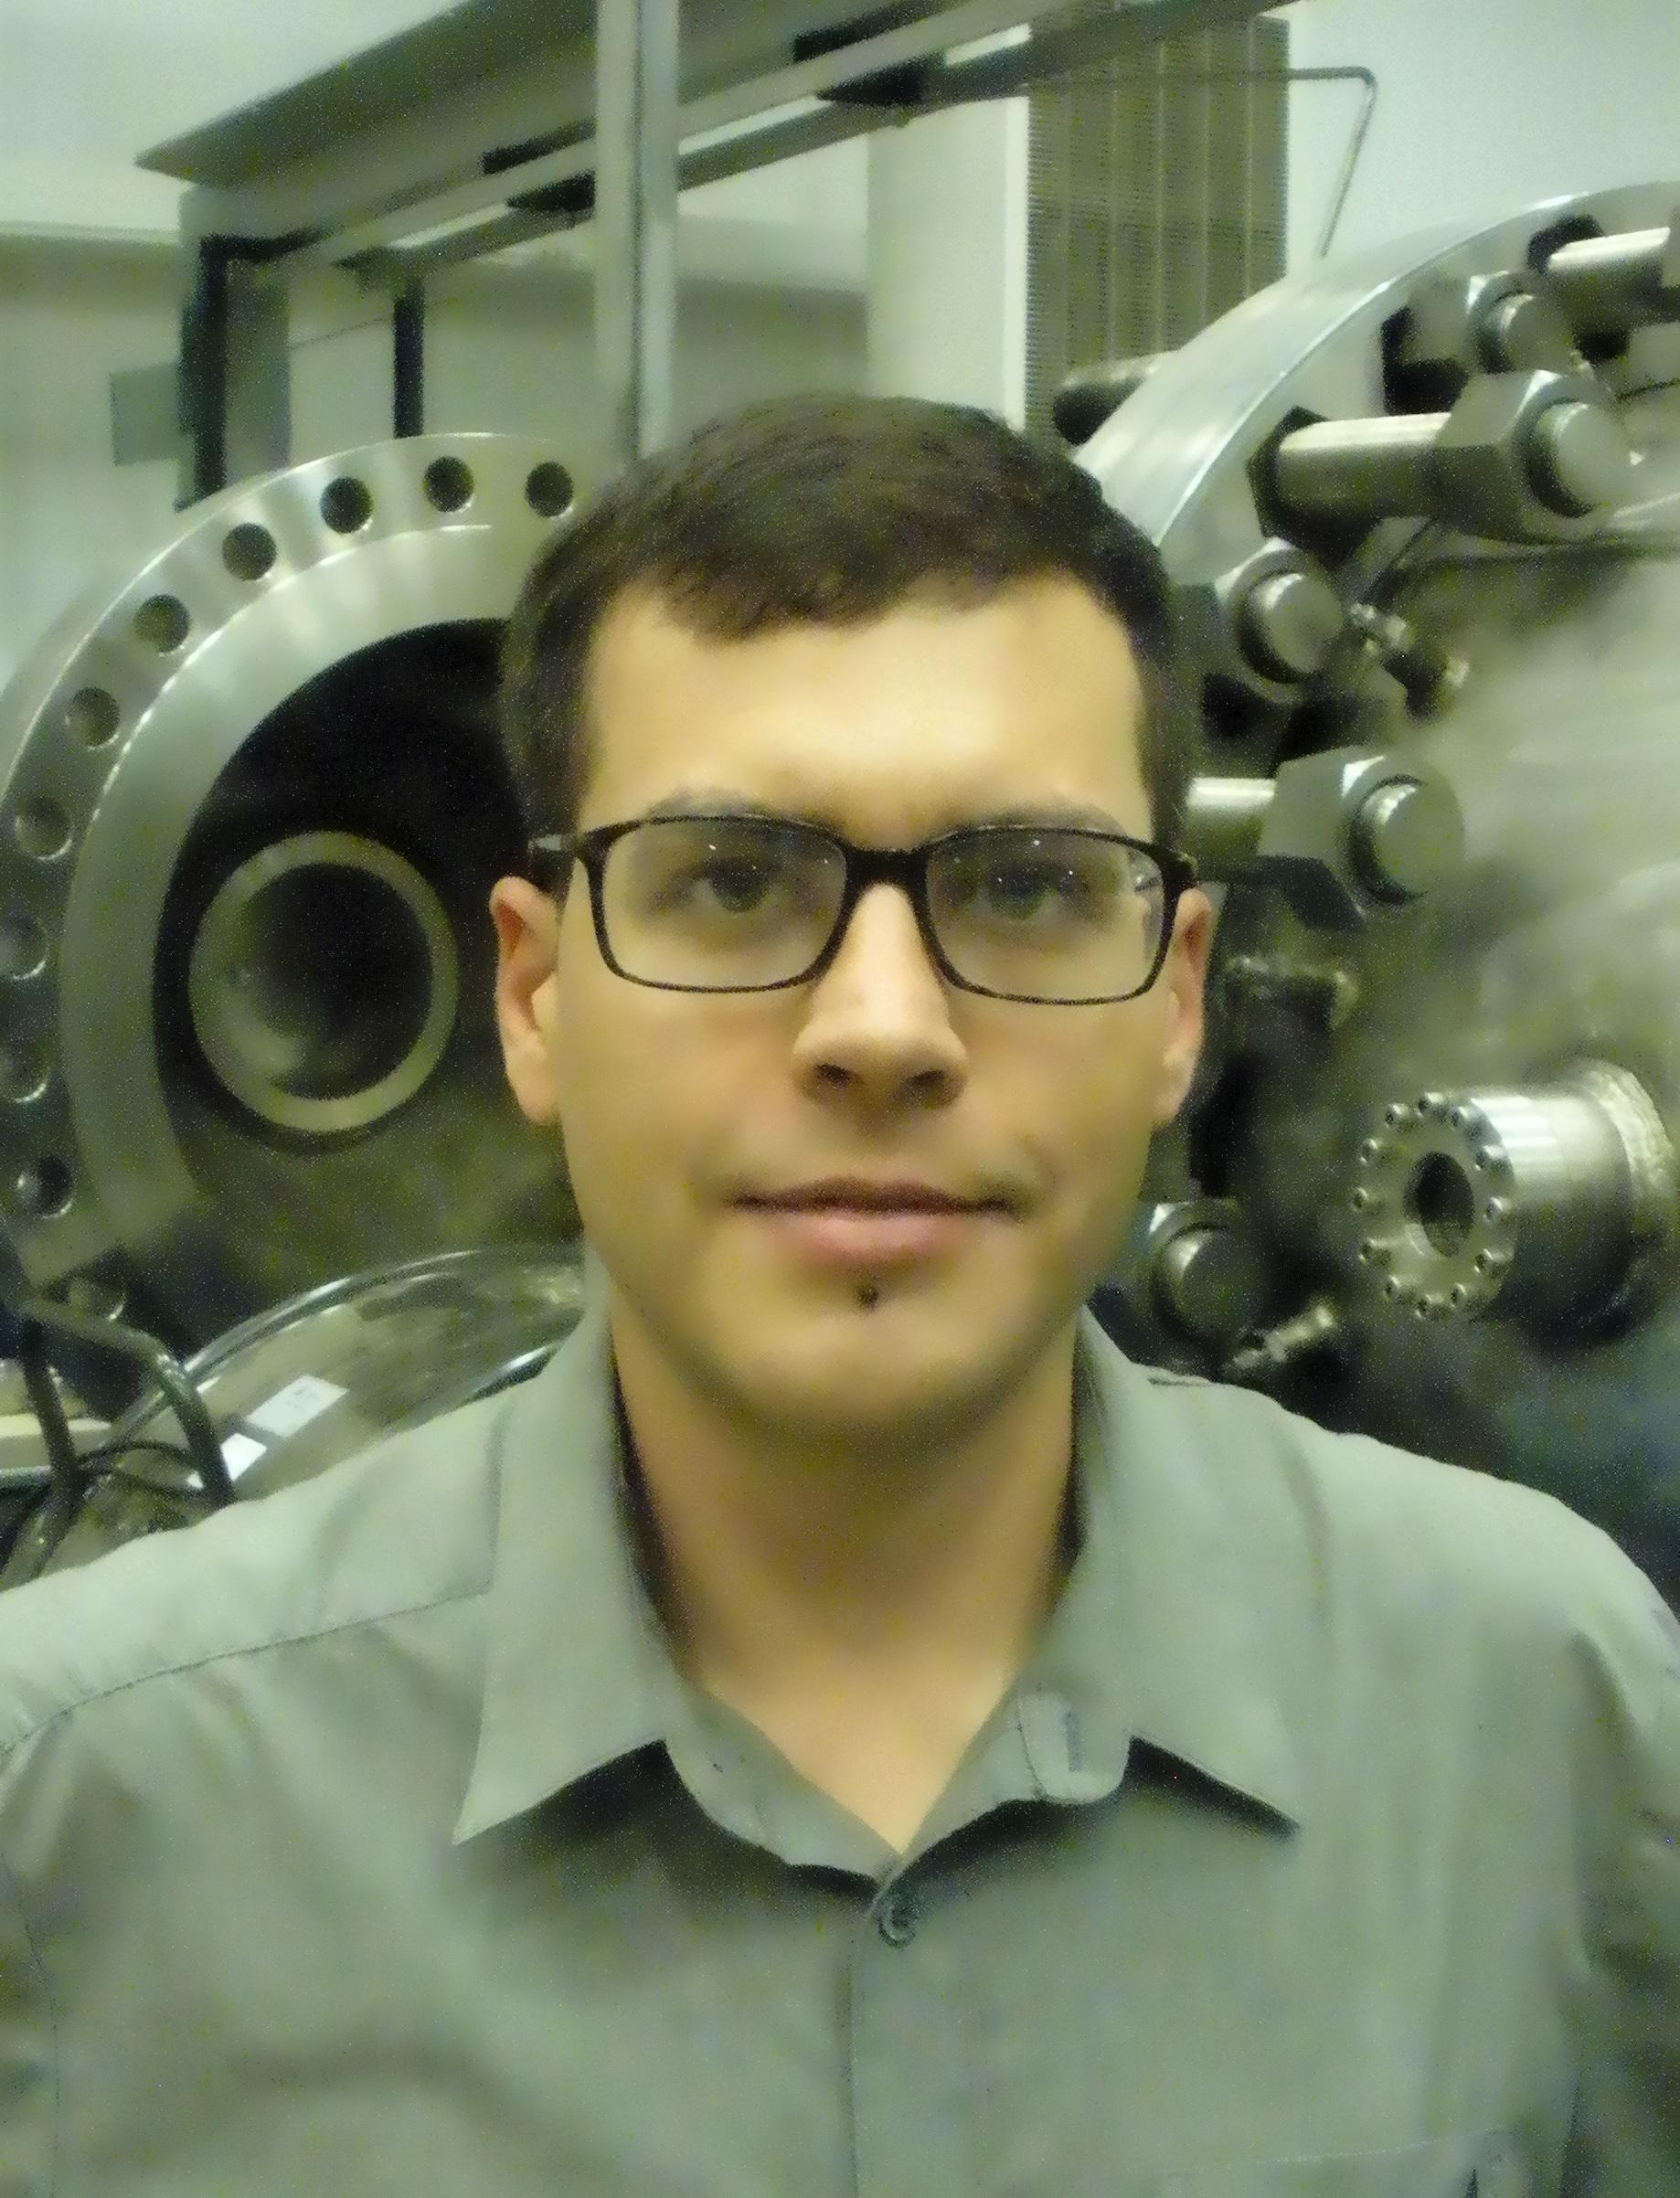 David Konyndyk